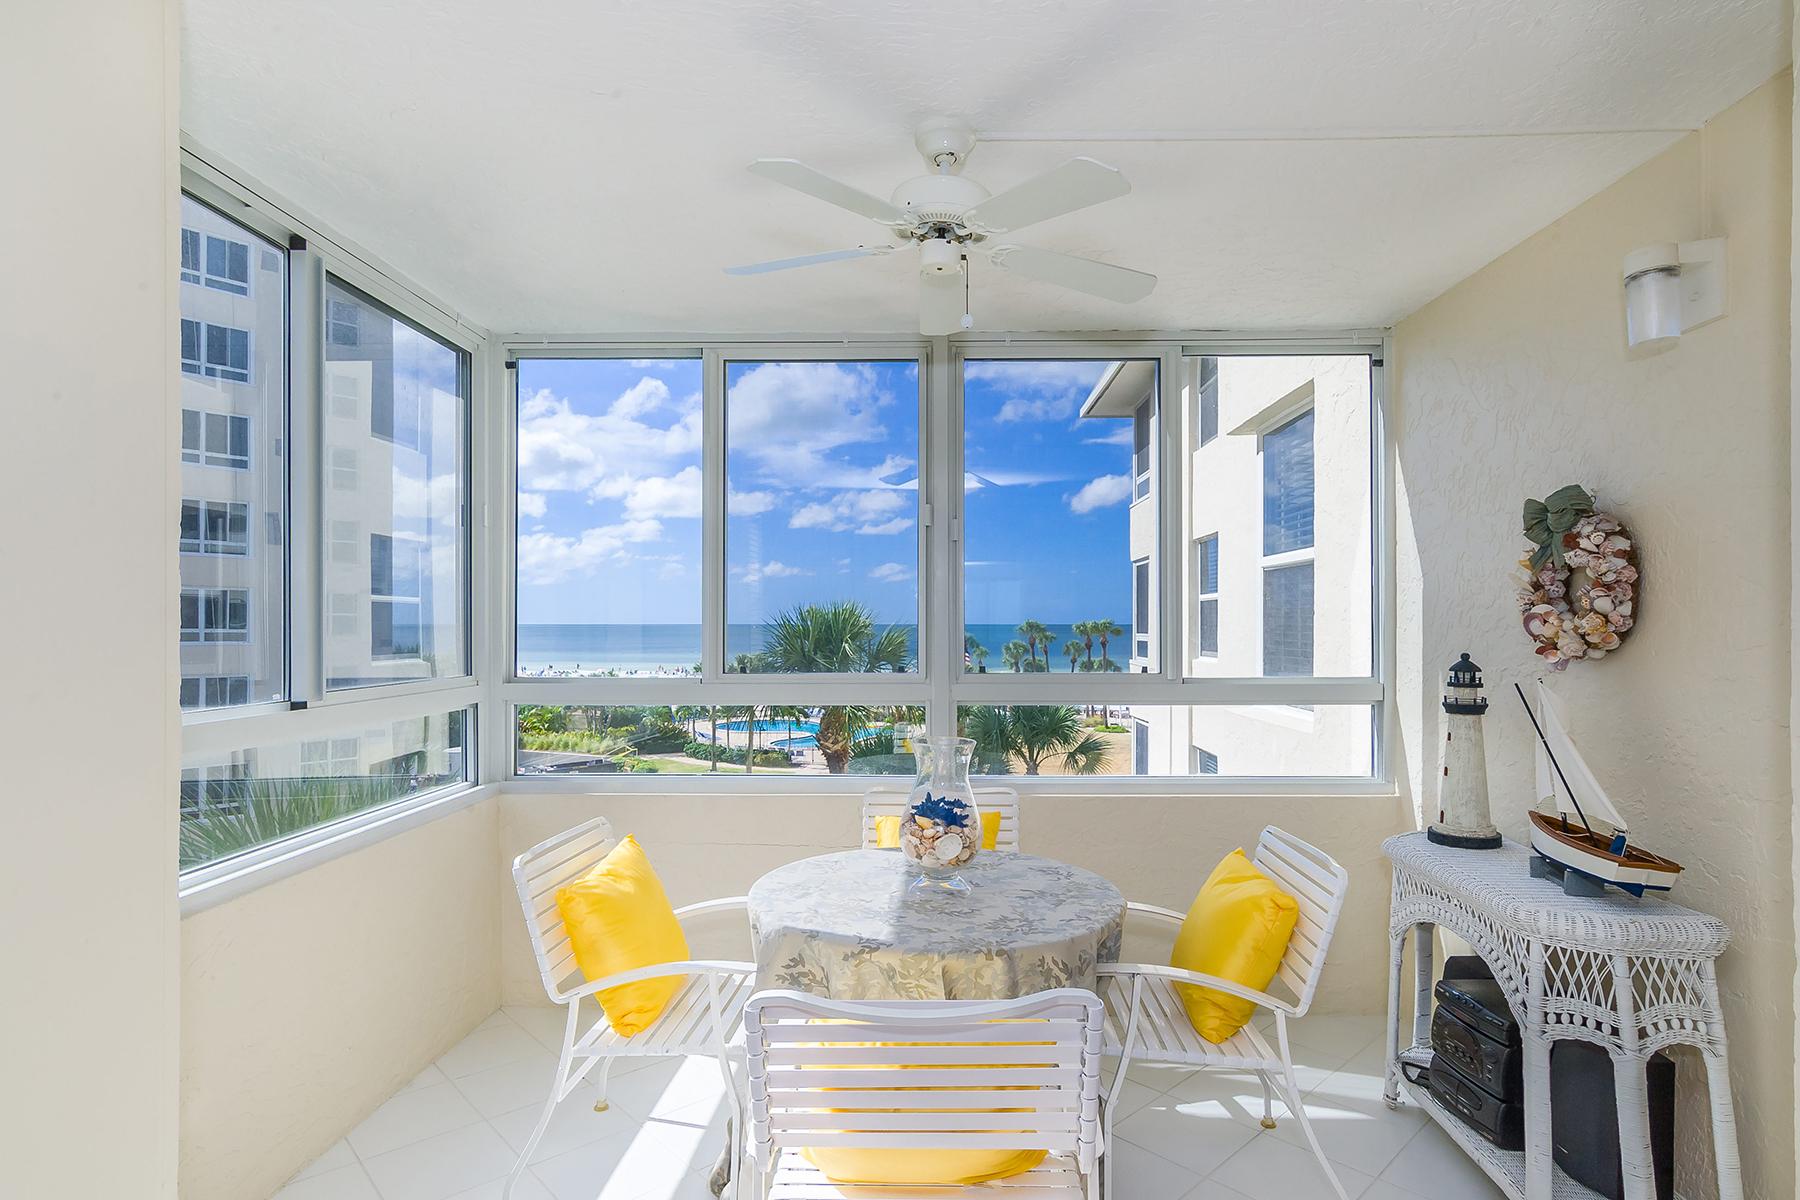 Eigentumswohnung für Verkauf beim SIESTA KEY 5916 Midnight Pass Rd 404 Sarasota, Florida 34242 Vereinigte Staaten